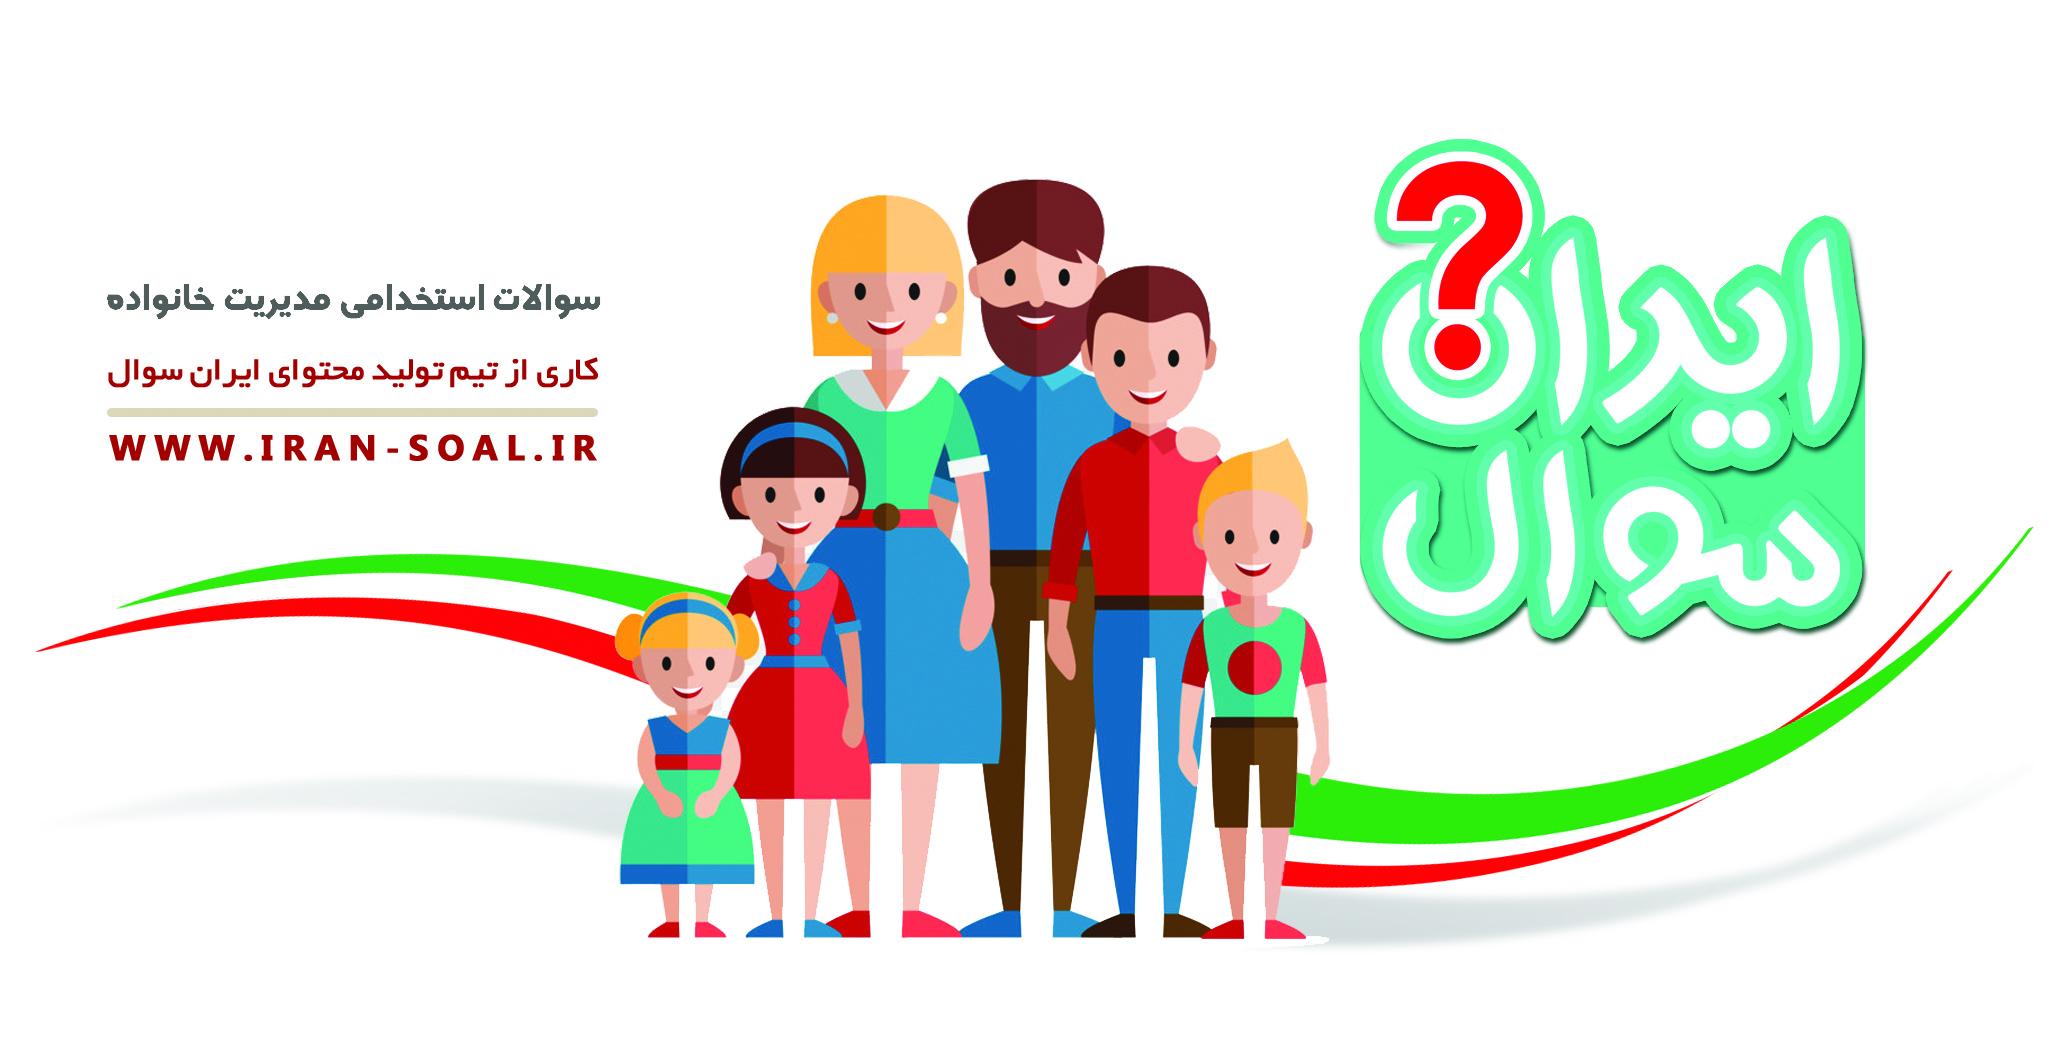 سوالات استخدامی مدیریت خانواده آموزش و پرورش